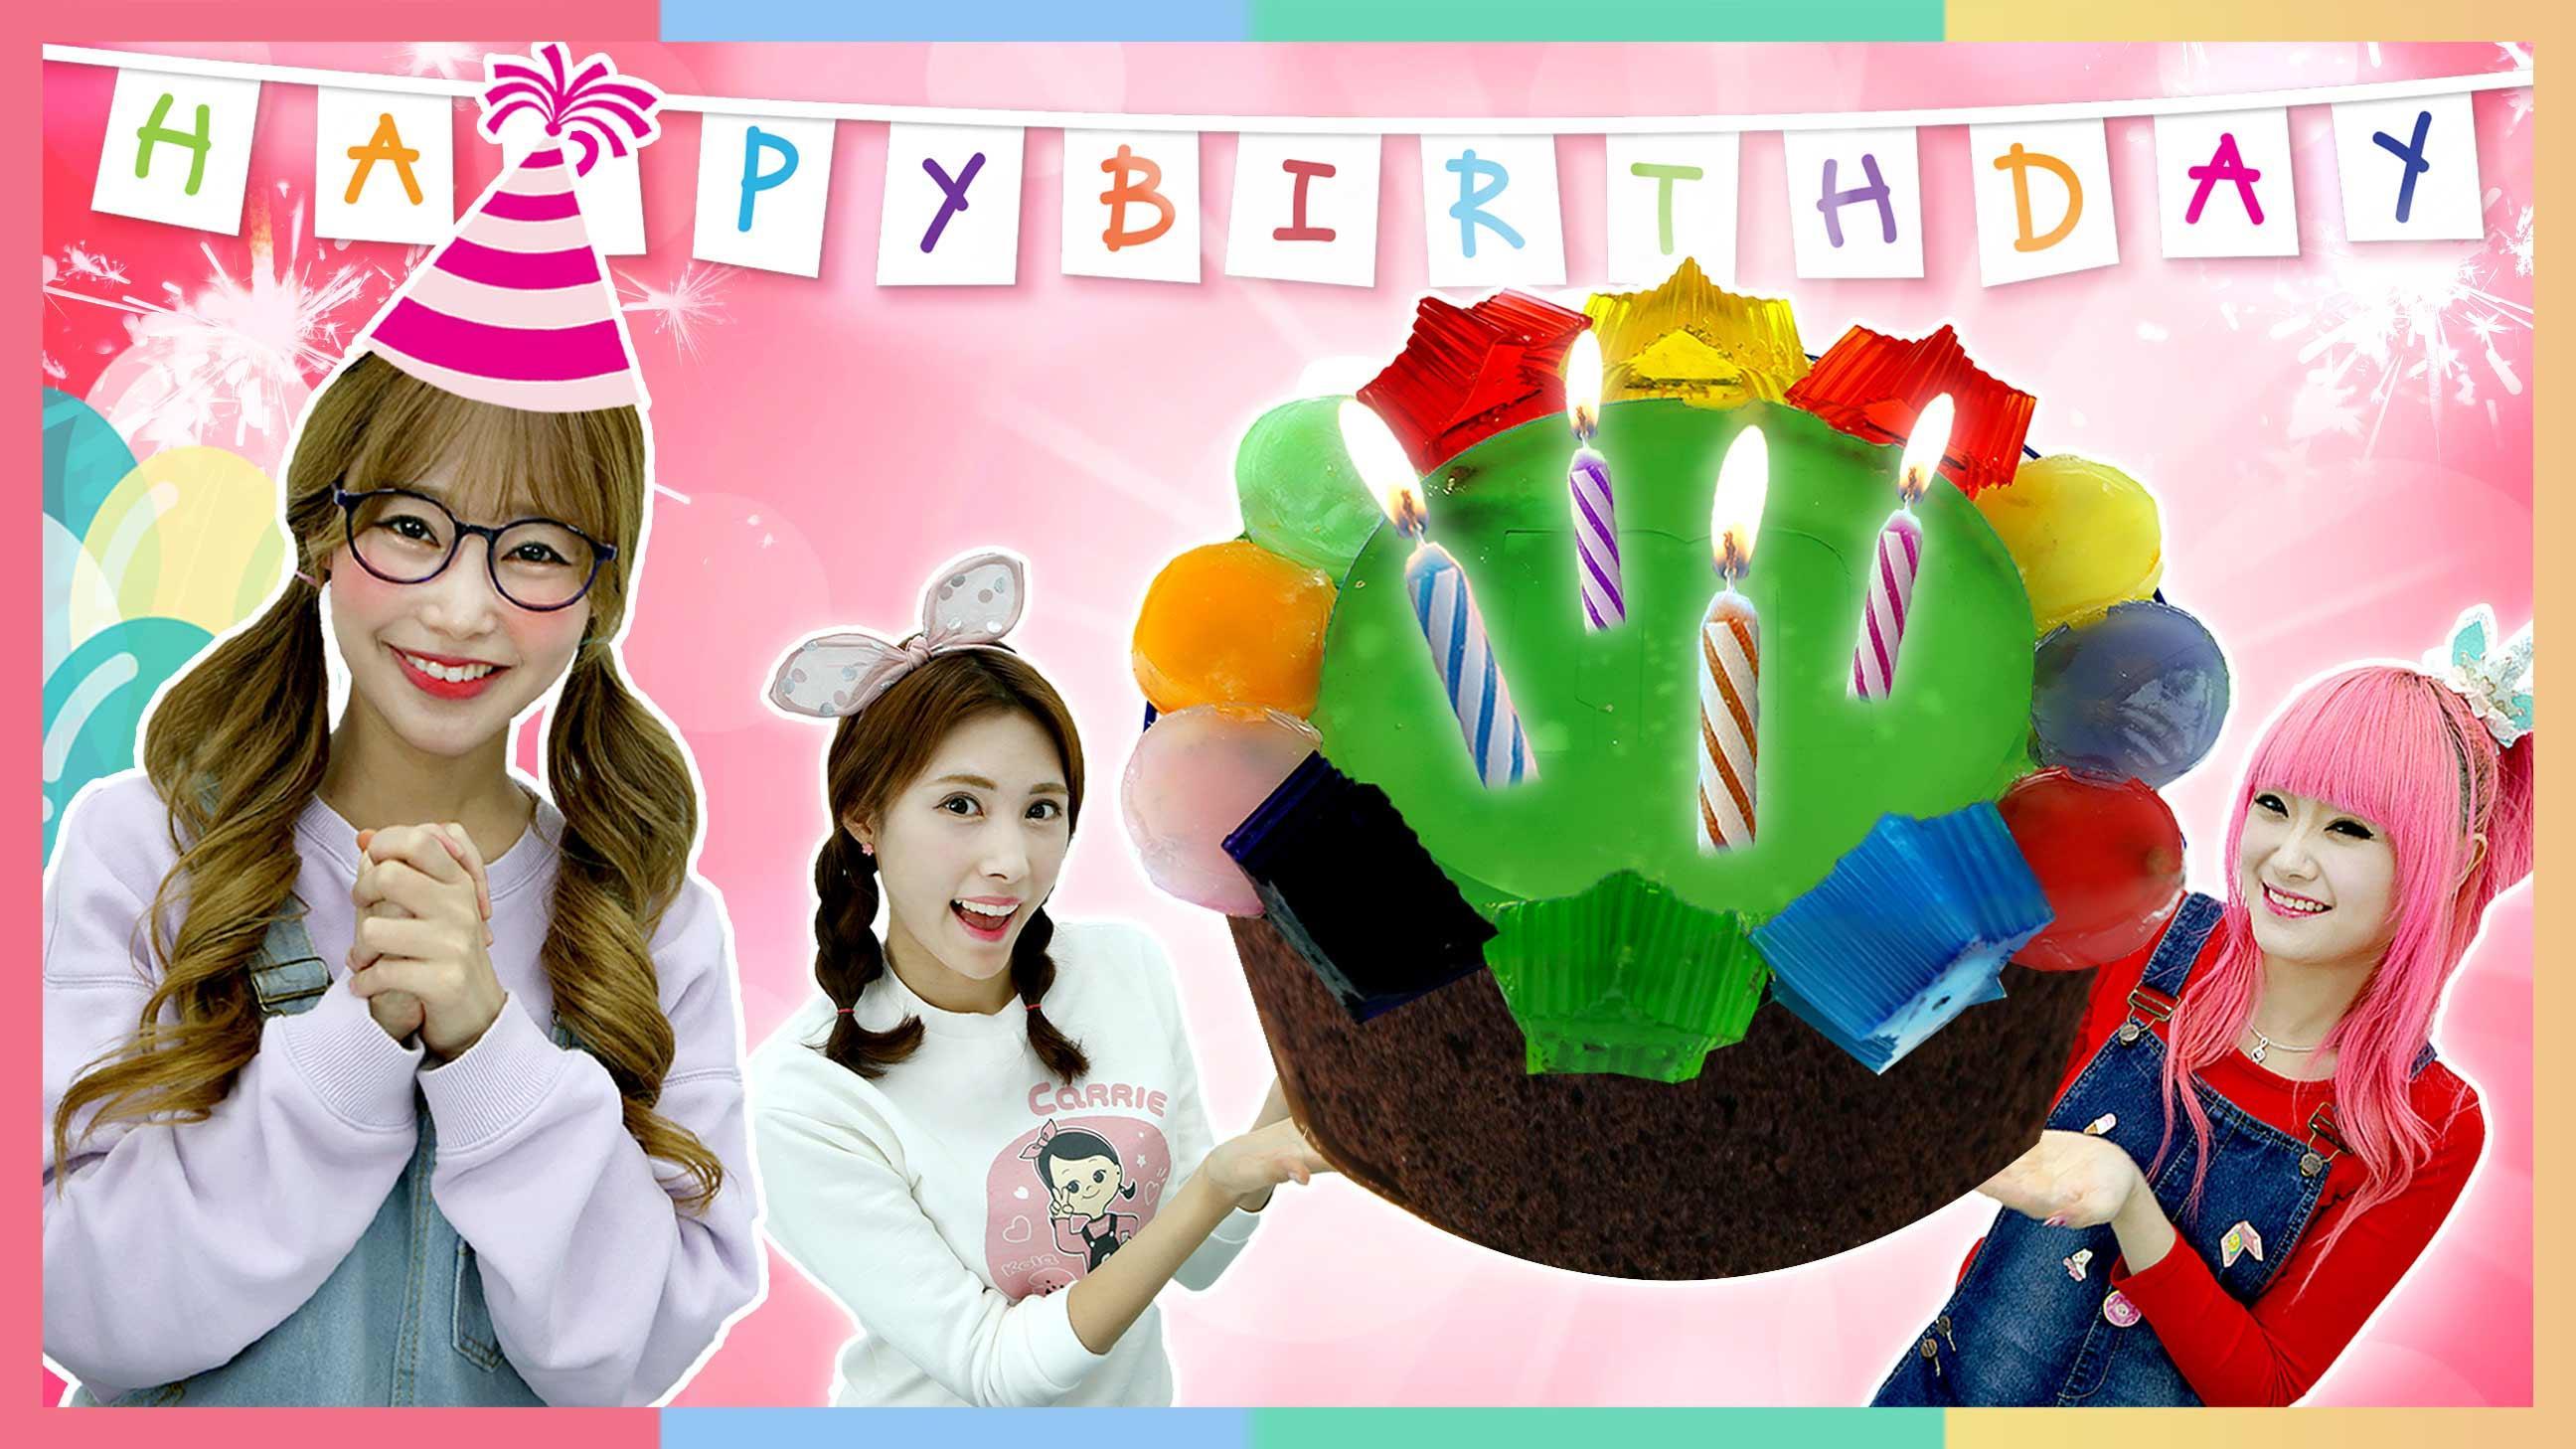 明天是谁的生日?用软糖DIY星星蛋糕 | 凯利和玩具朋友们 CarrieAndToys